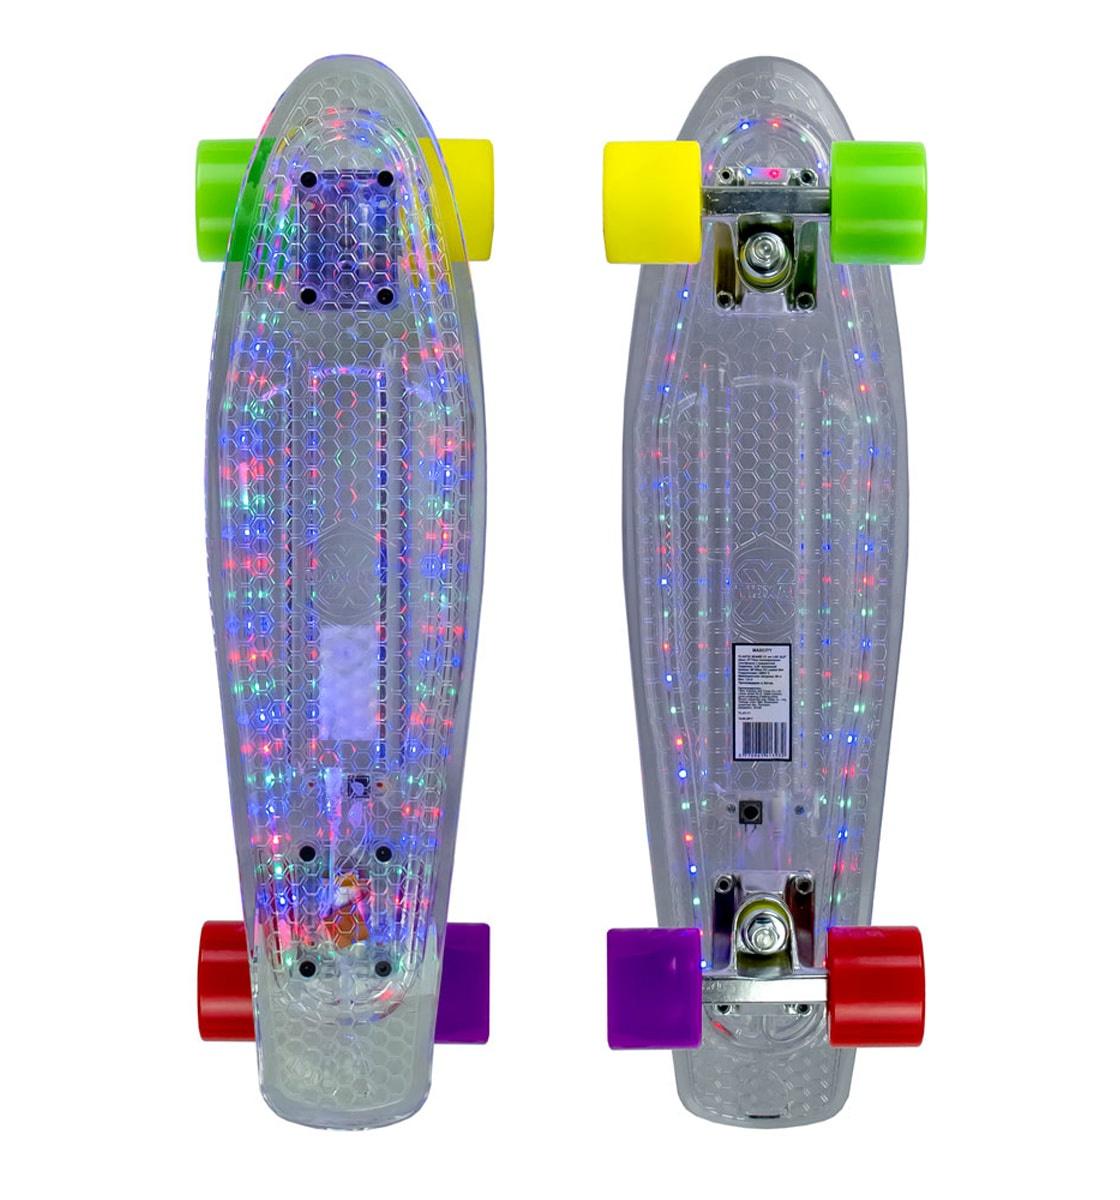 Круизер MaxCity Plastic Board X1 LED Small